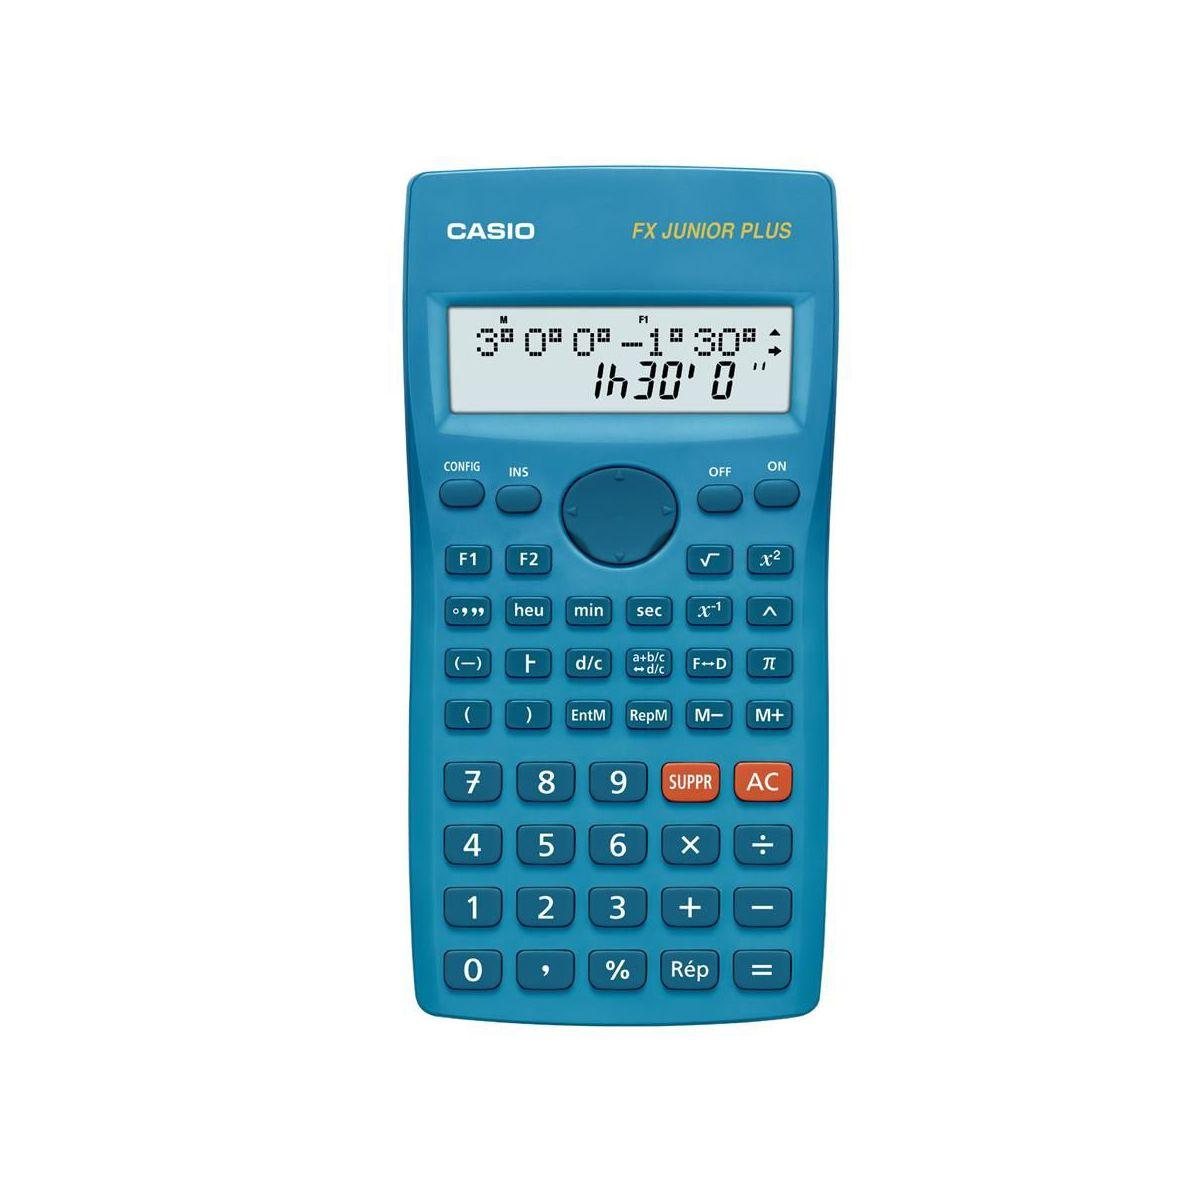 Calculatrice scientifique casio fx junior plus (photo)